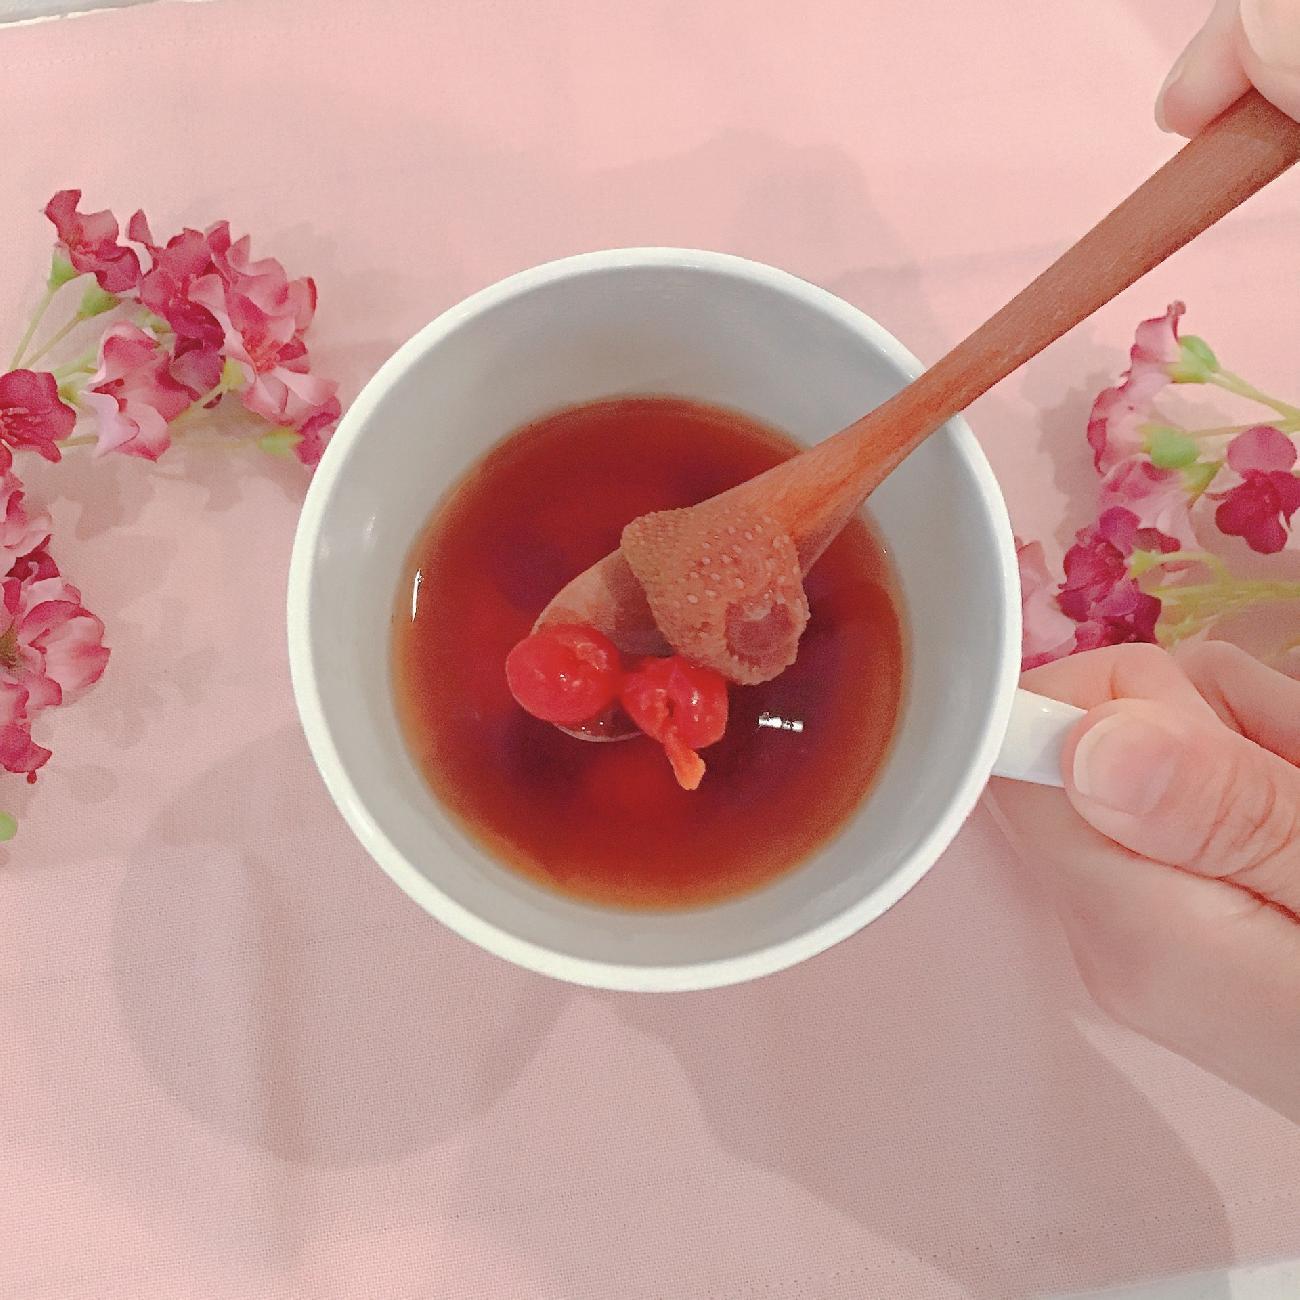 紅茶/ティータイム/ドライフルーツ/綺麗/可愛い/おしゃれ/カフェタイム/リラックス/美味しい/甘い